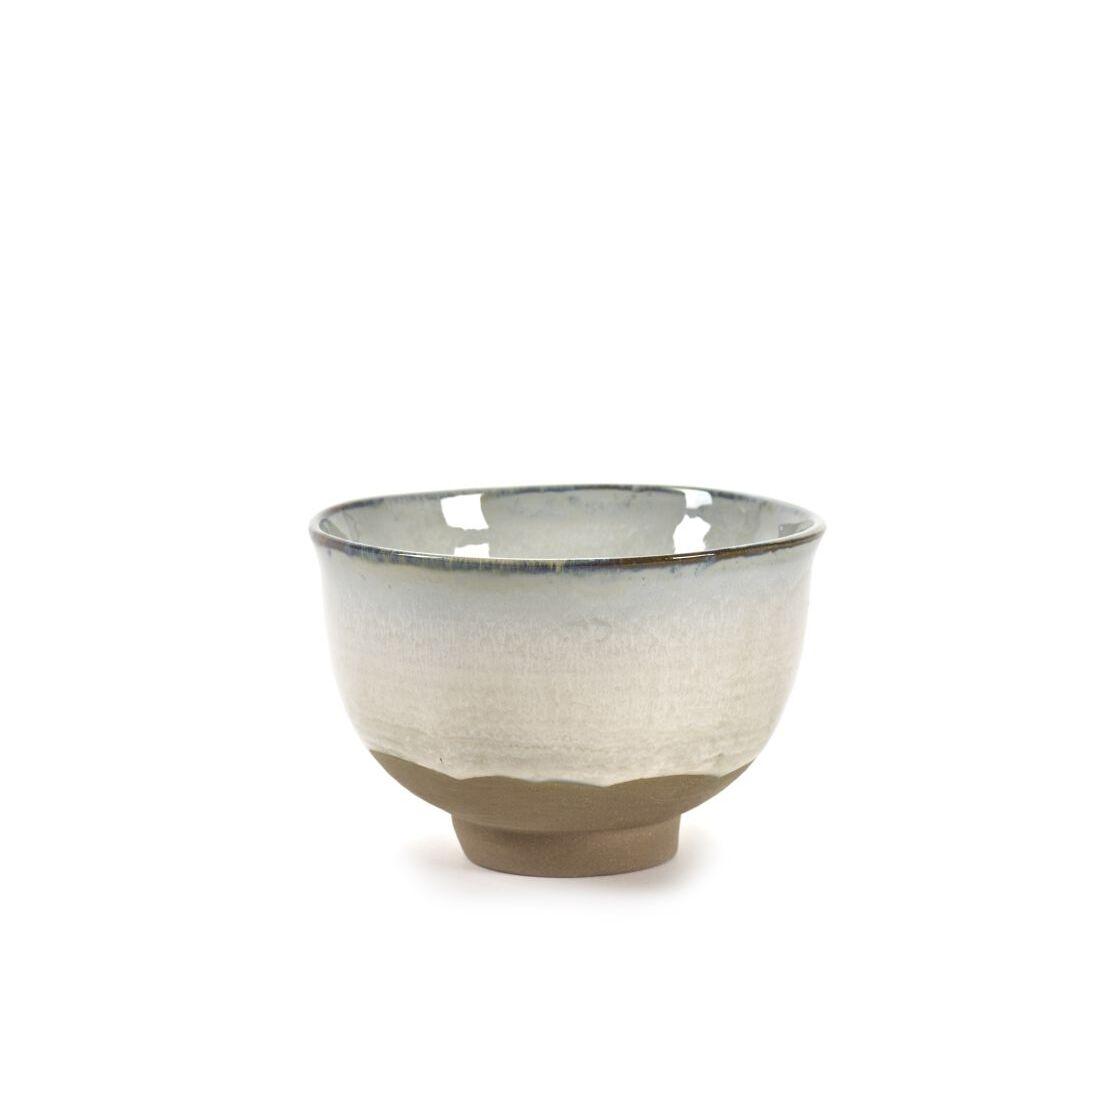 bowl merci n°2 medium d12,5 gebrochenes weiss, 18,50 €